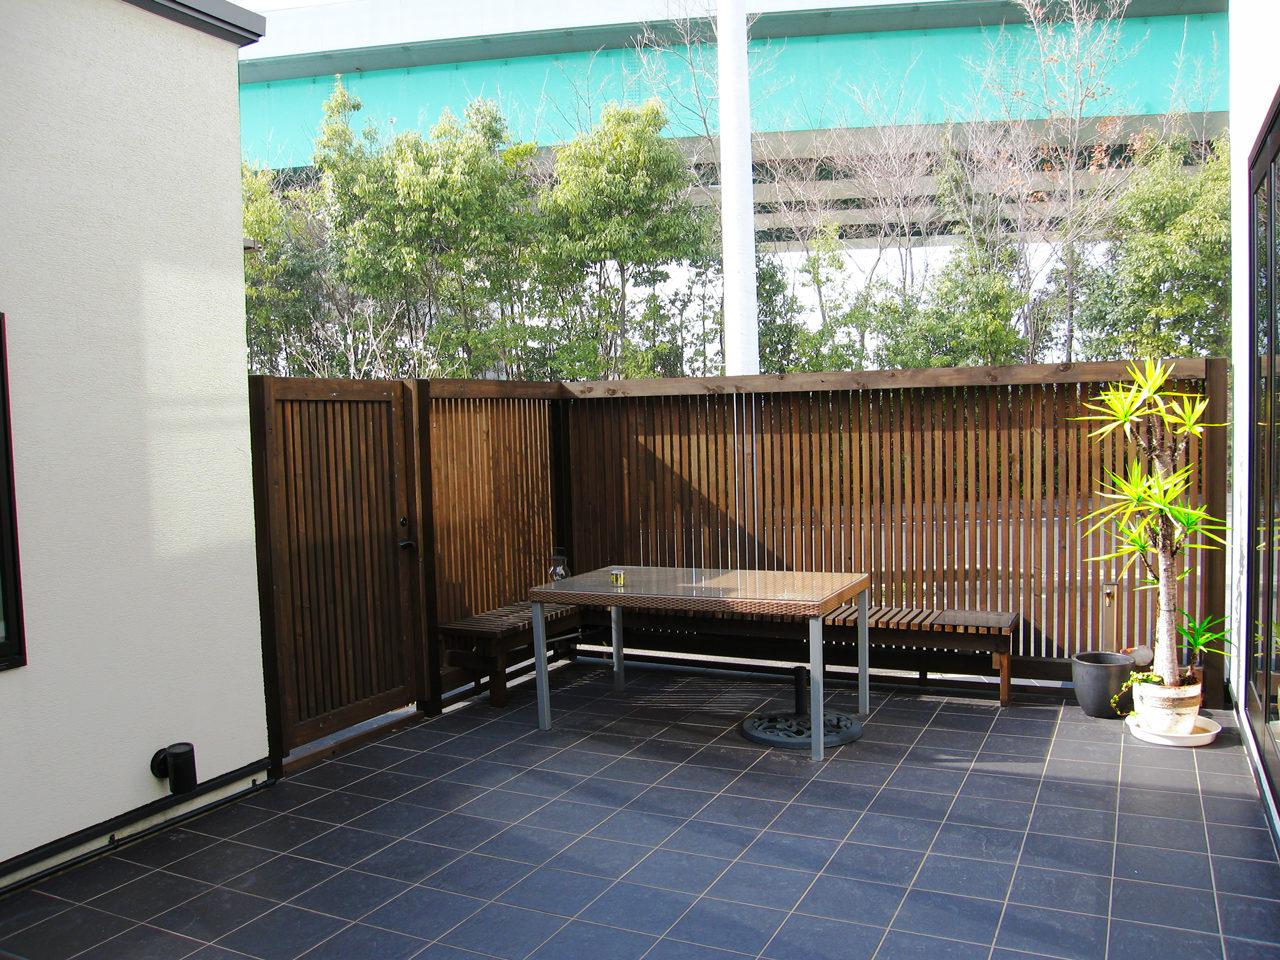 ねこと暮らす中庭を囲むコの字型の事務所付き住宅の新築設計、デザイン